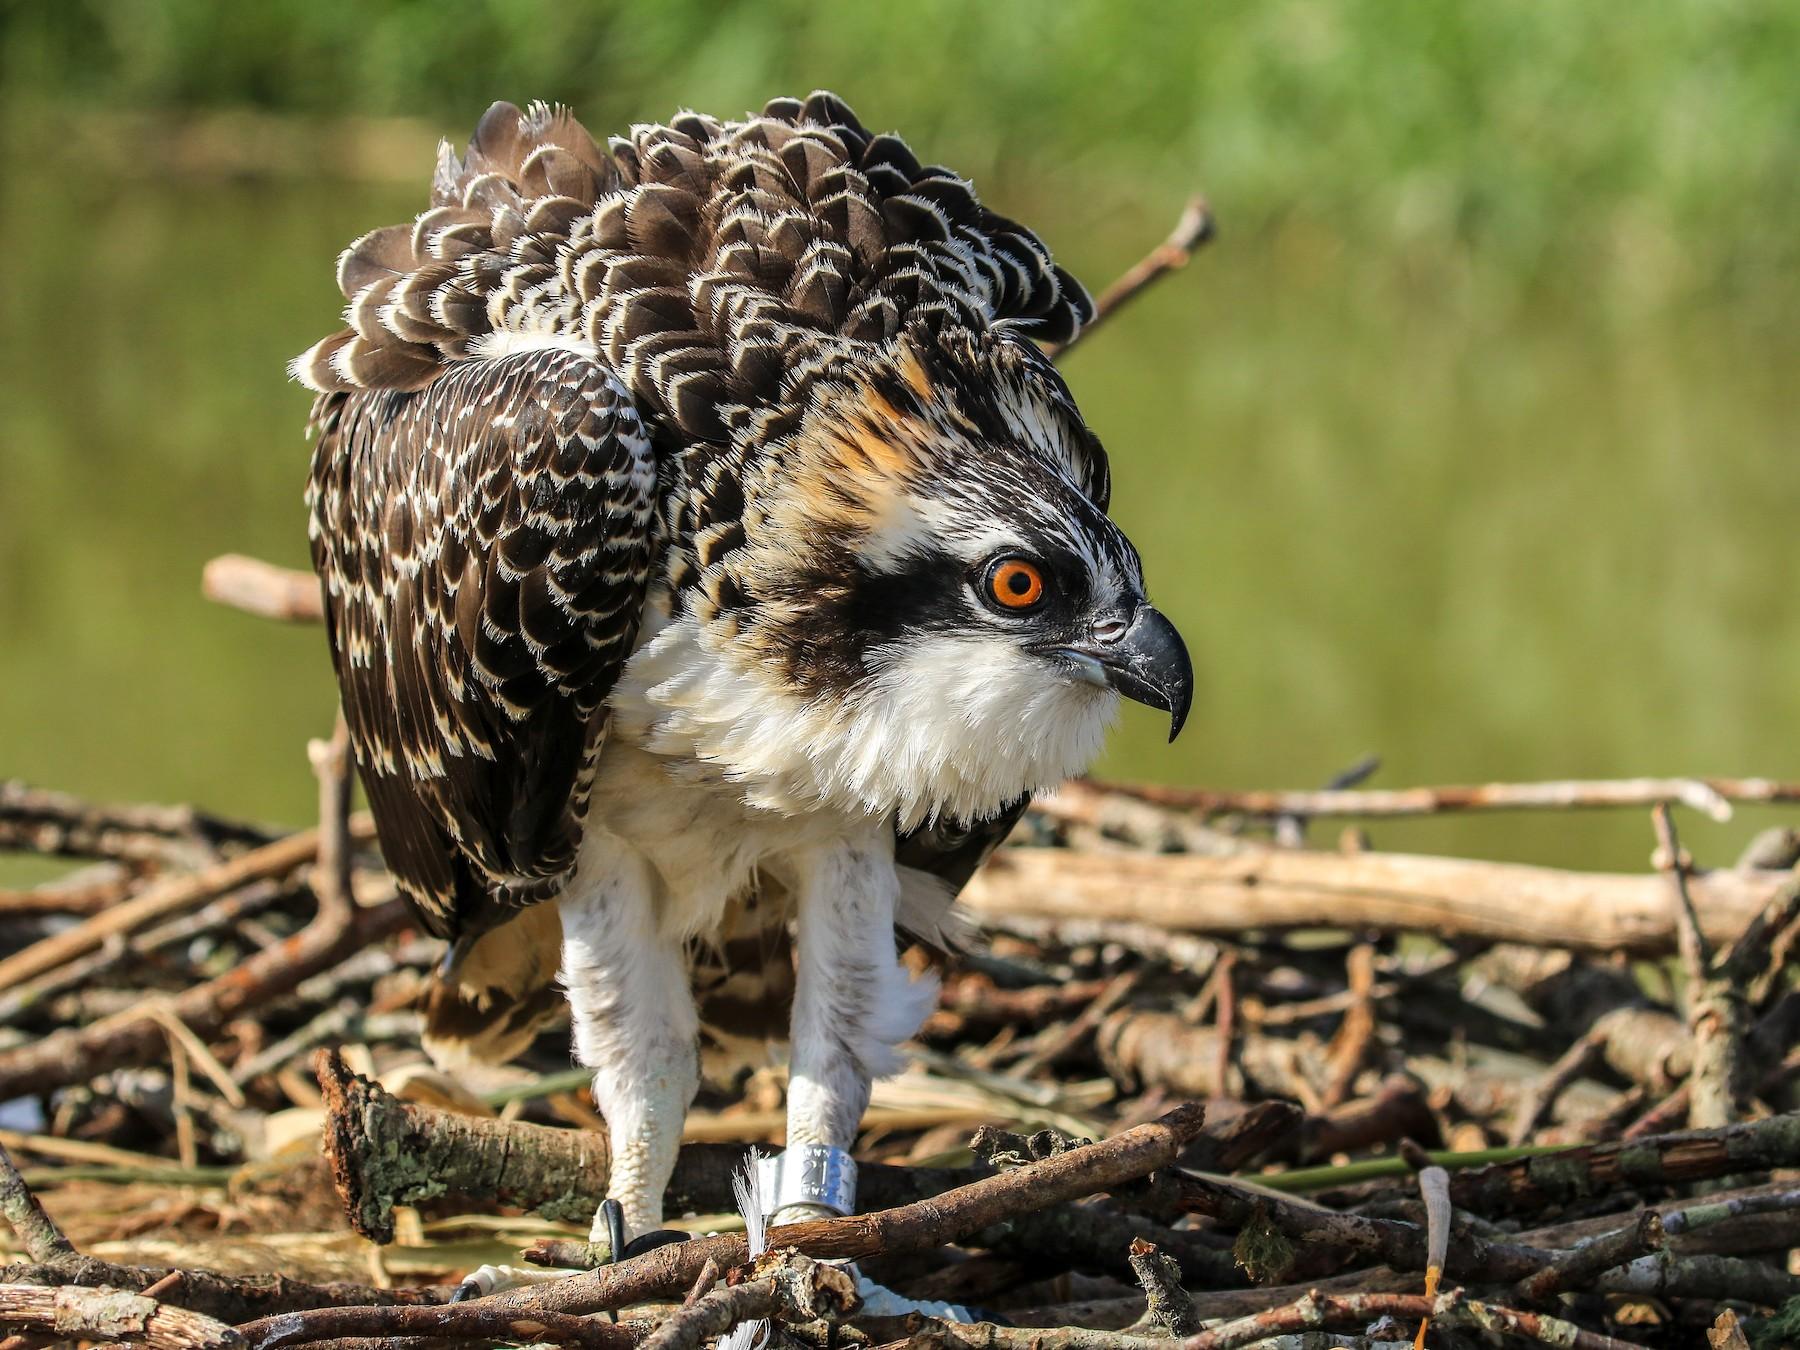 Osprey - Matt Felperin